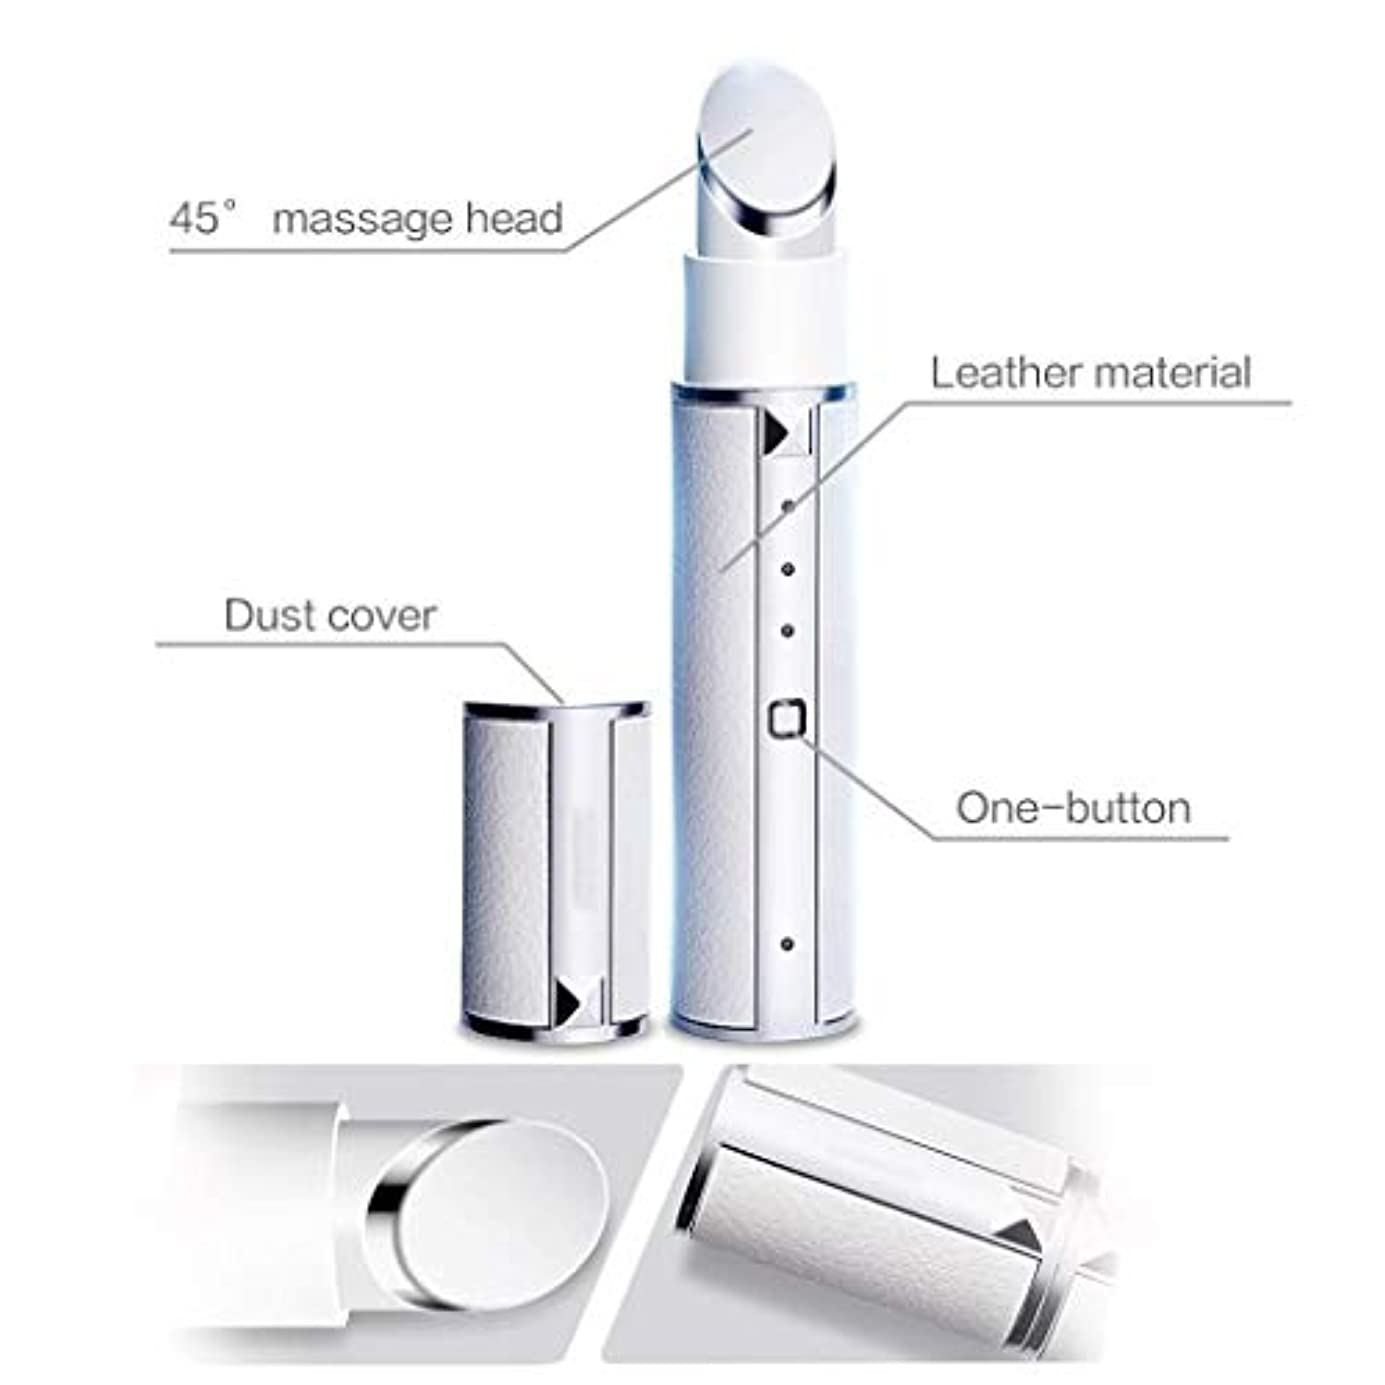 コンペ事前に原理マッサージャー、42℃恒温電気アイマッサージケアデバイス、顔の健康と美容ツール、顔に適して、額、首のリフト、しっかりした肌、しわを減らす、持ち運びが簡単